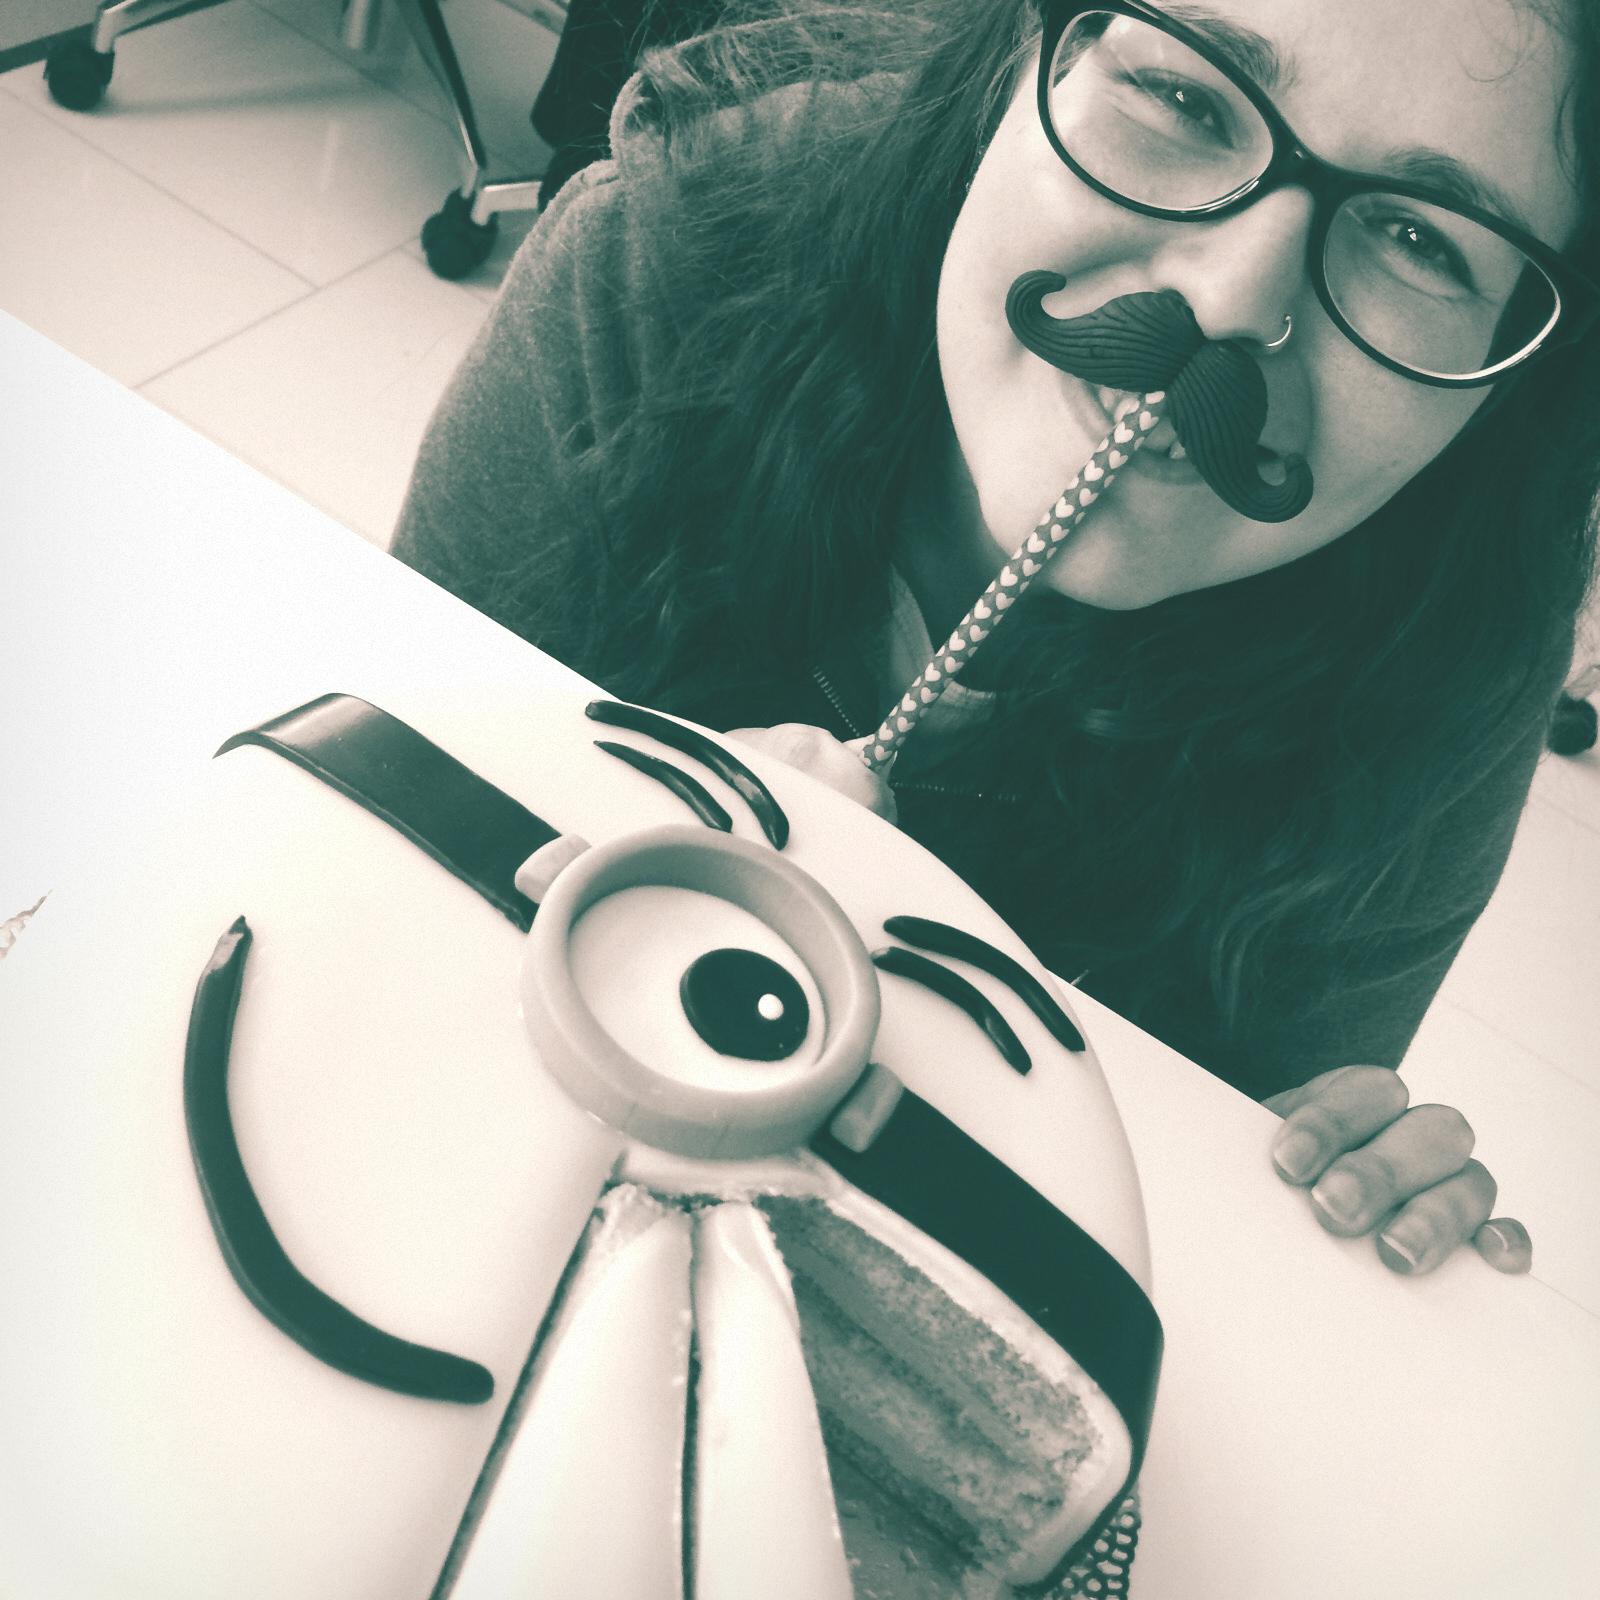 Compleanno LoRo 2015 - 26 anni Buon compleanno